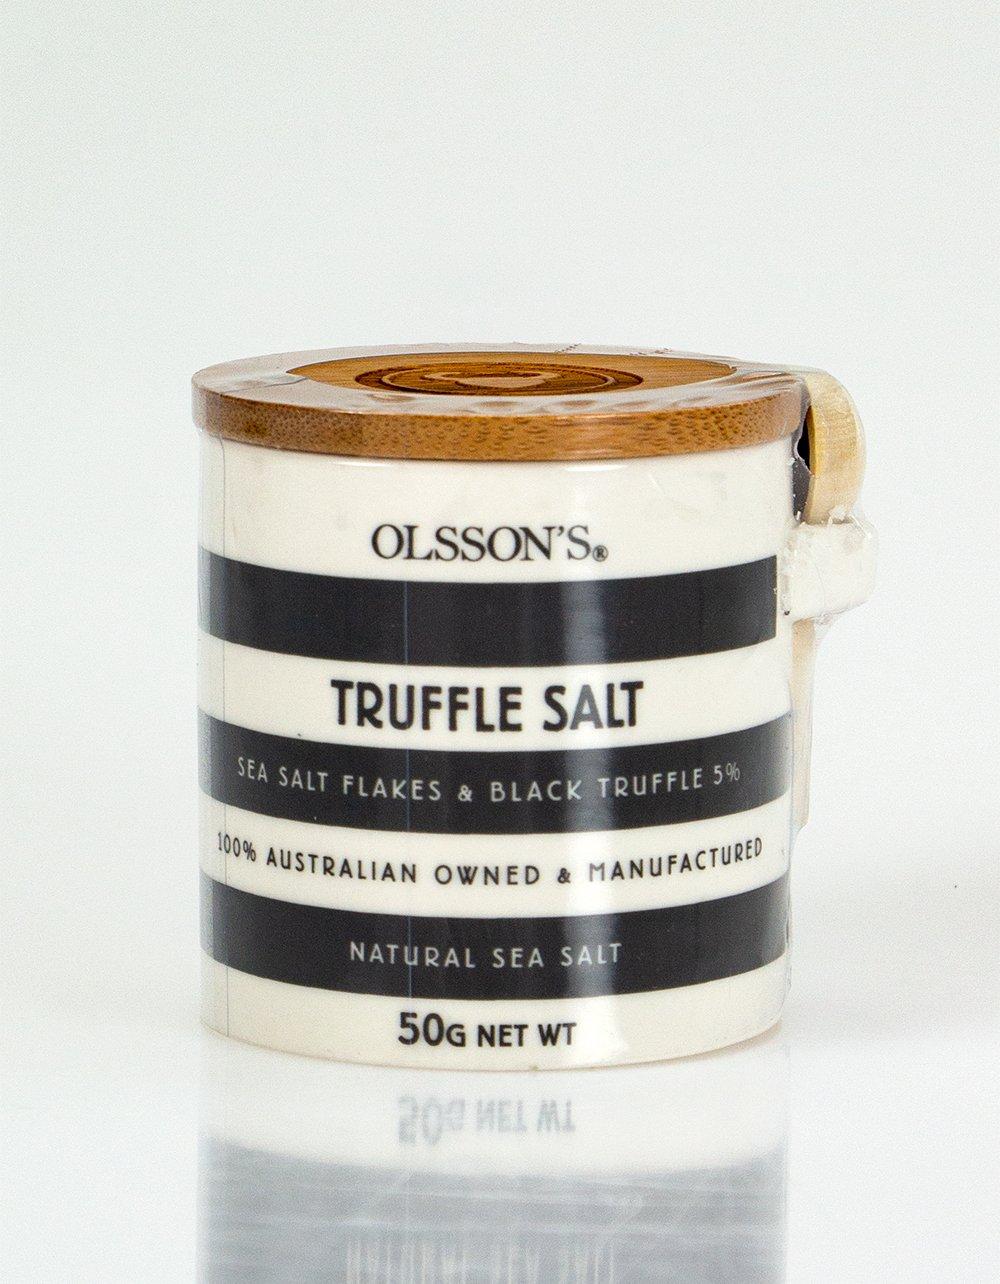 Olsson's Truffle Salt 50g